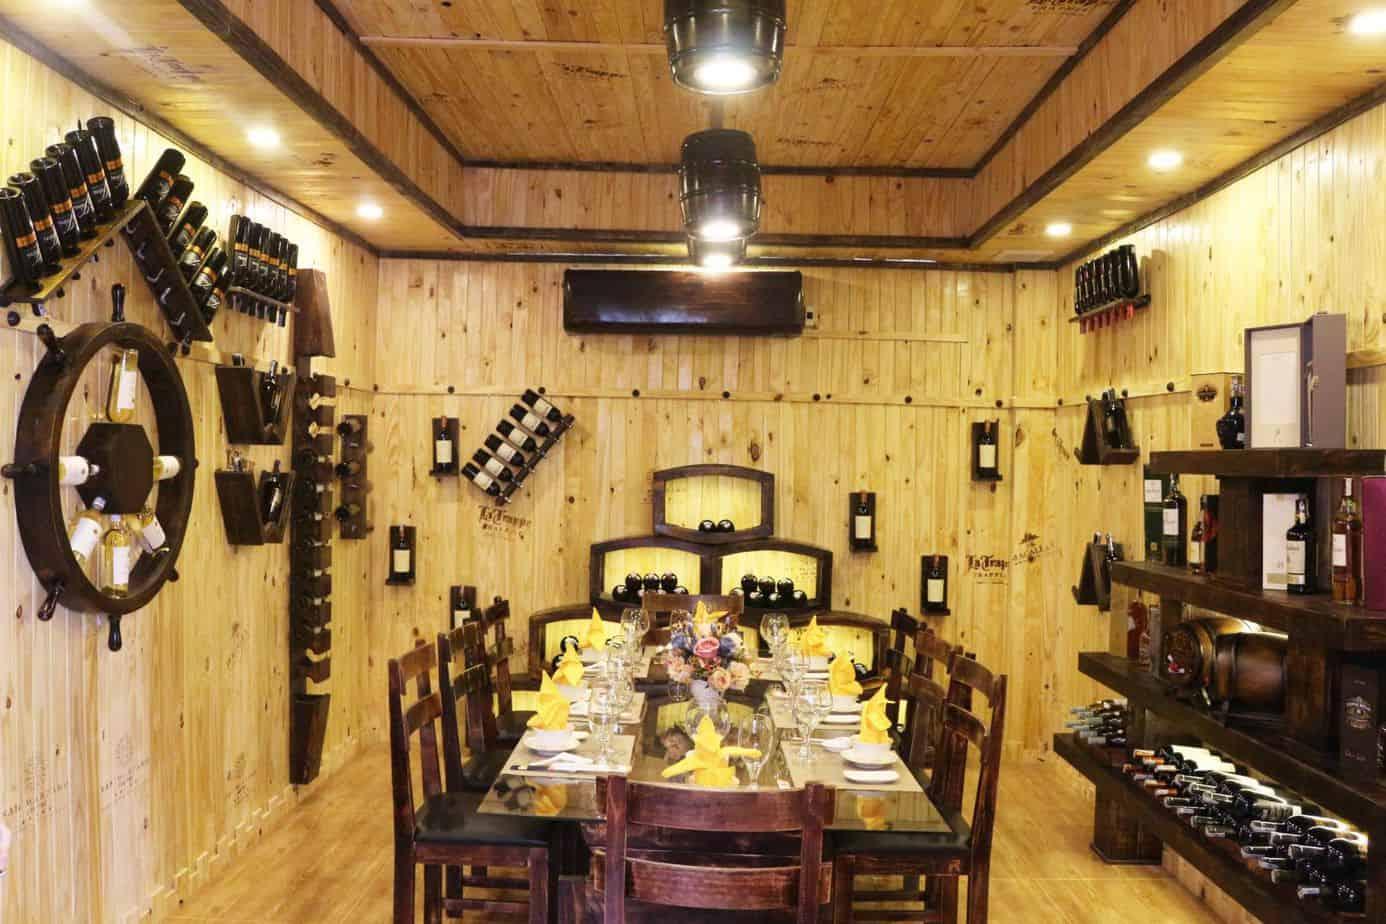 Top 10 Nhà Hàng Phục Vụ Rượu Vang Ngon, Chất Lượng Tại HCM - nhà hàng phục vụ rượu vang ngon - Corso Restaurant 3